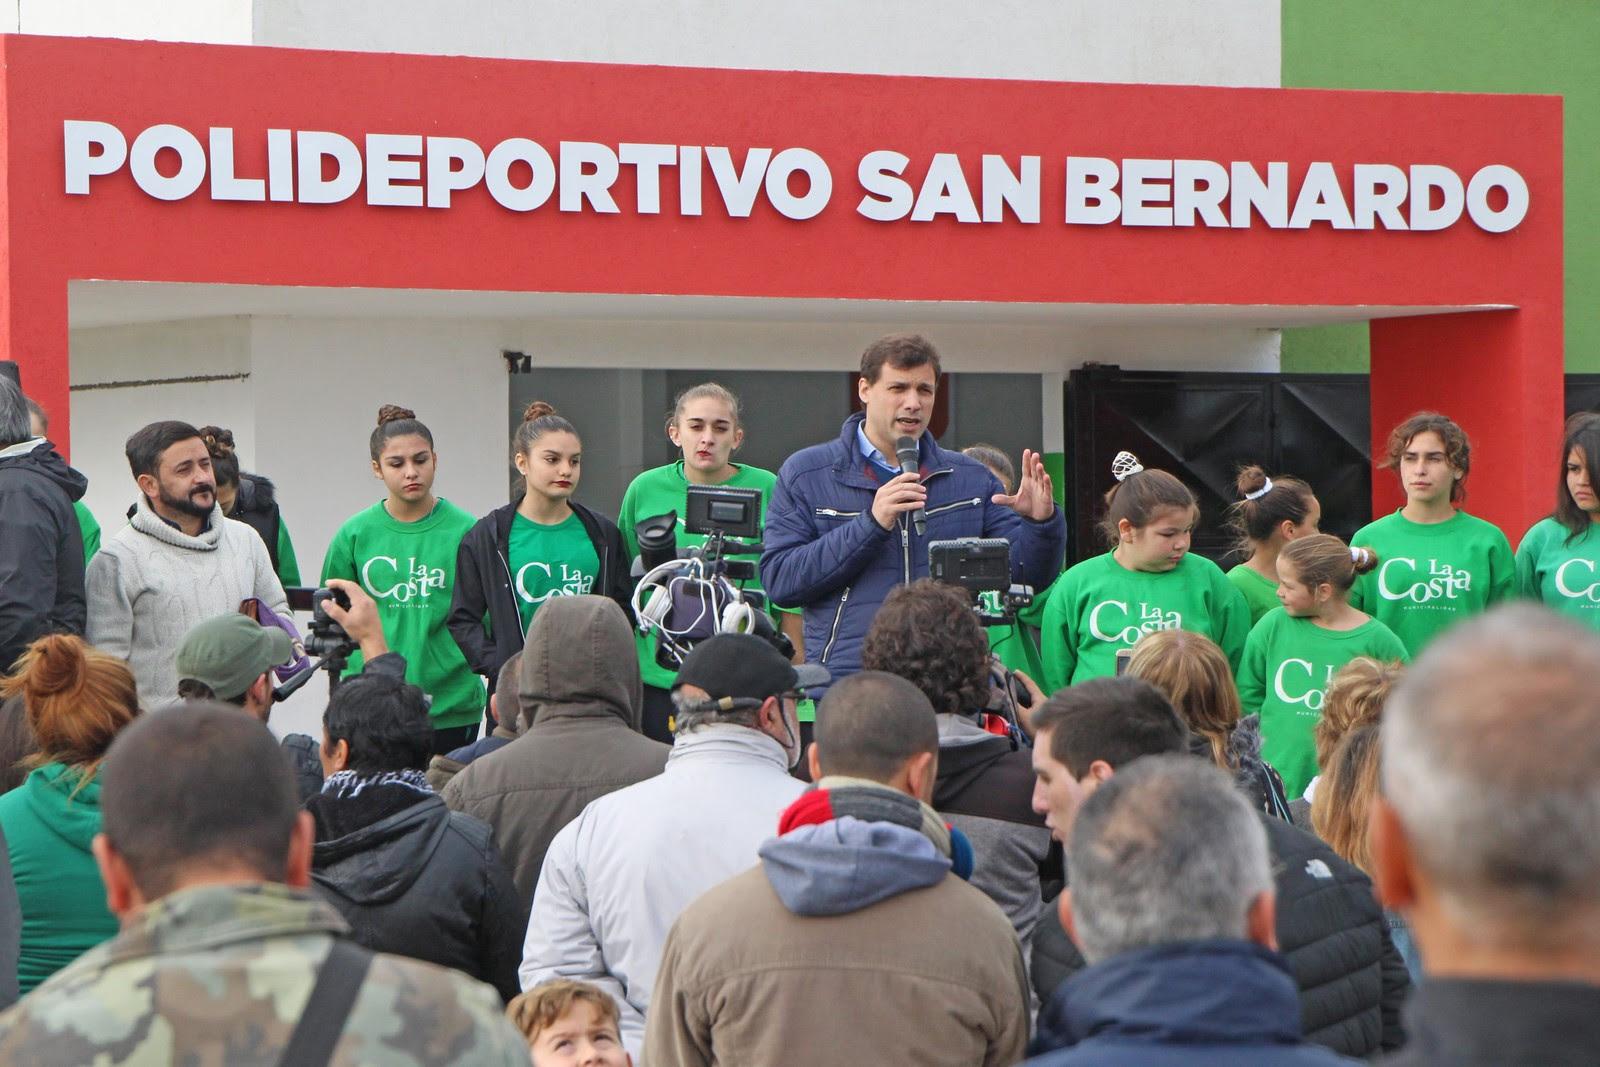 Qued Inaugurado El Polideportivo De San Bernardo